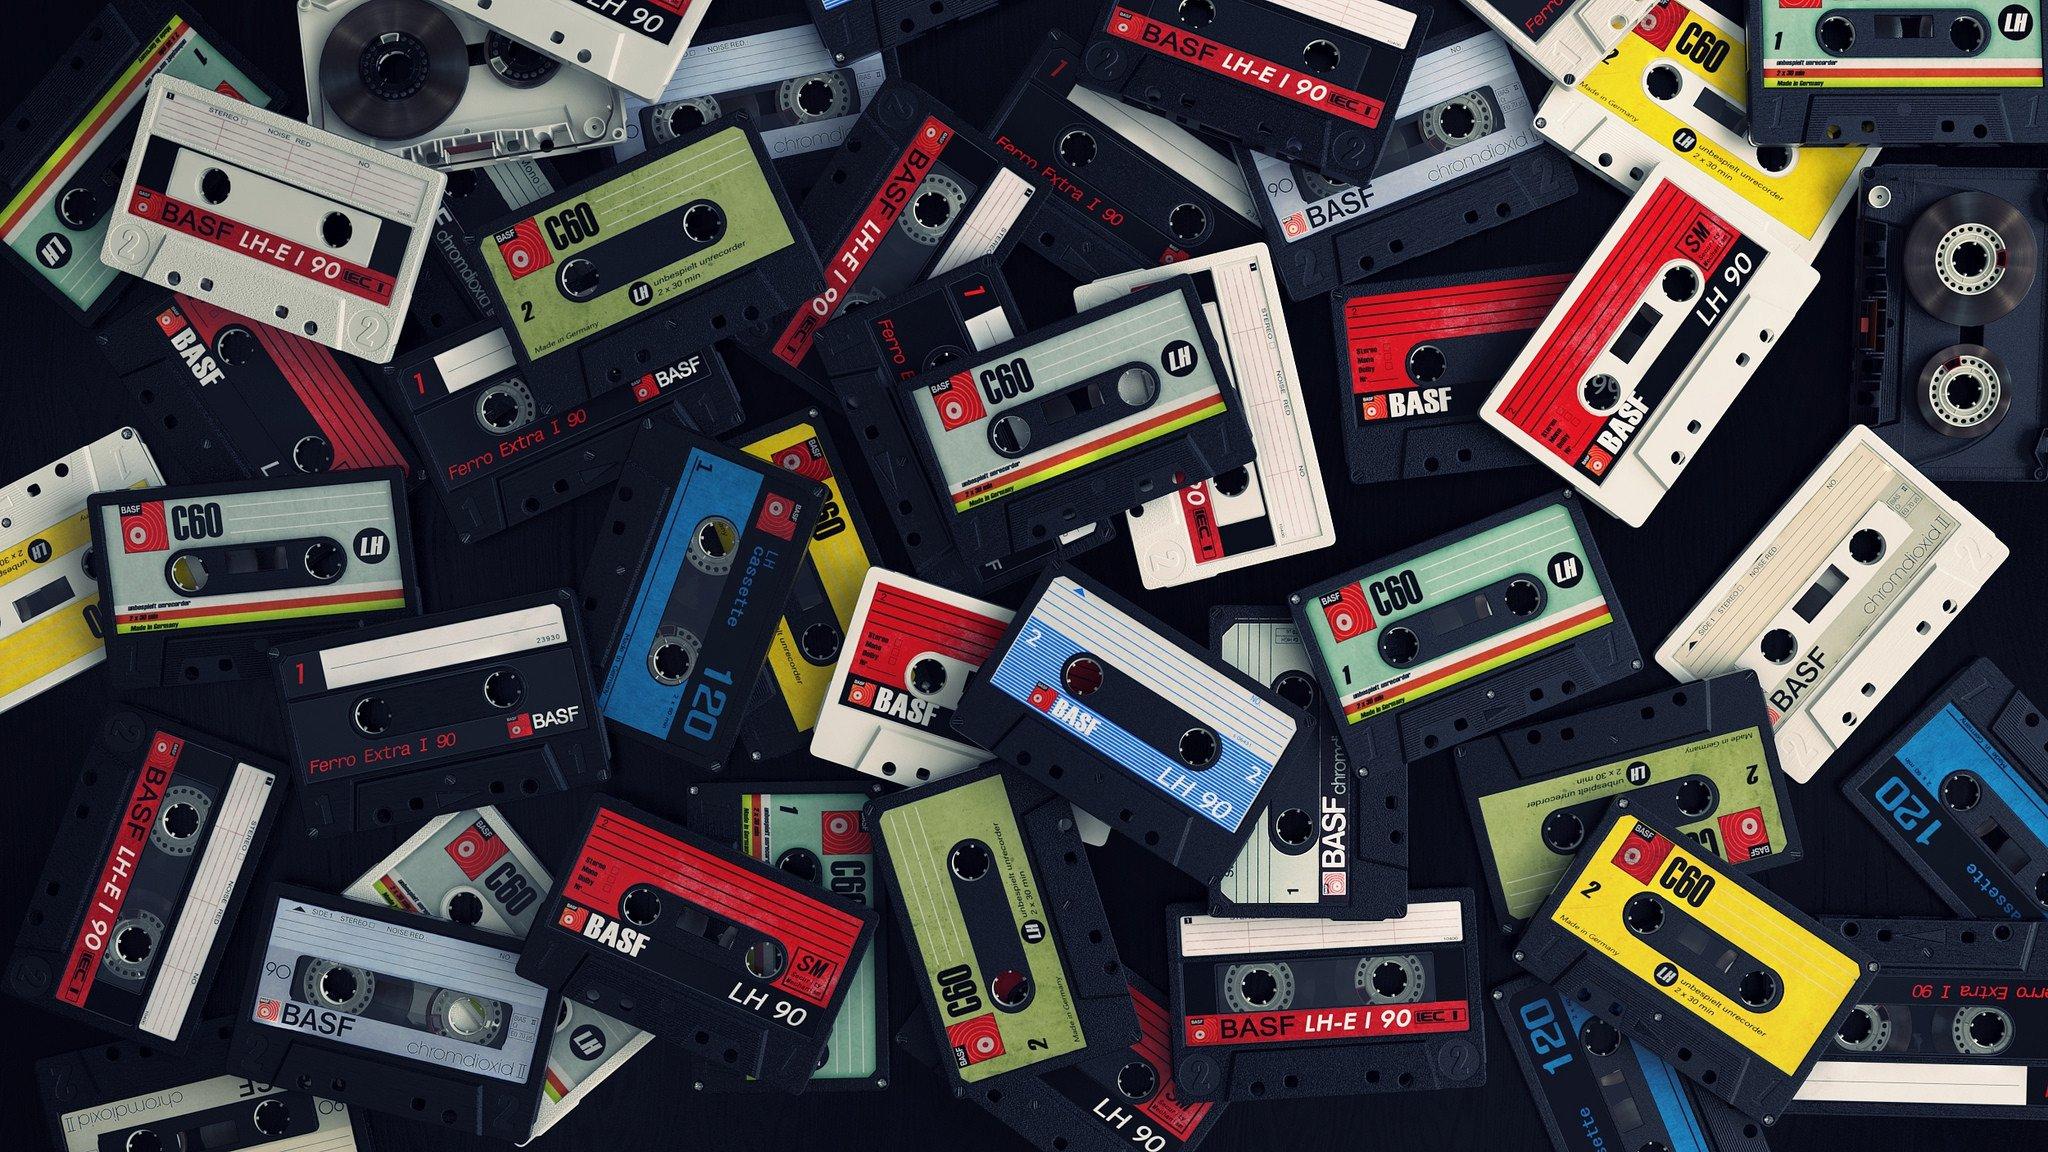 каждым годом картинка кассета на телефон меня это было